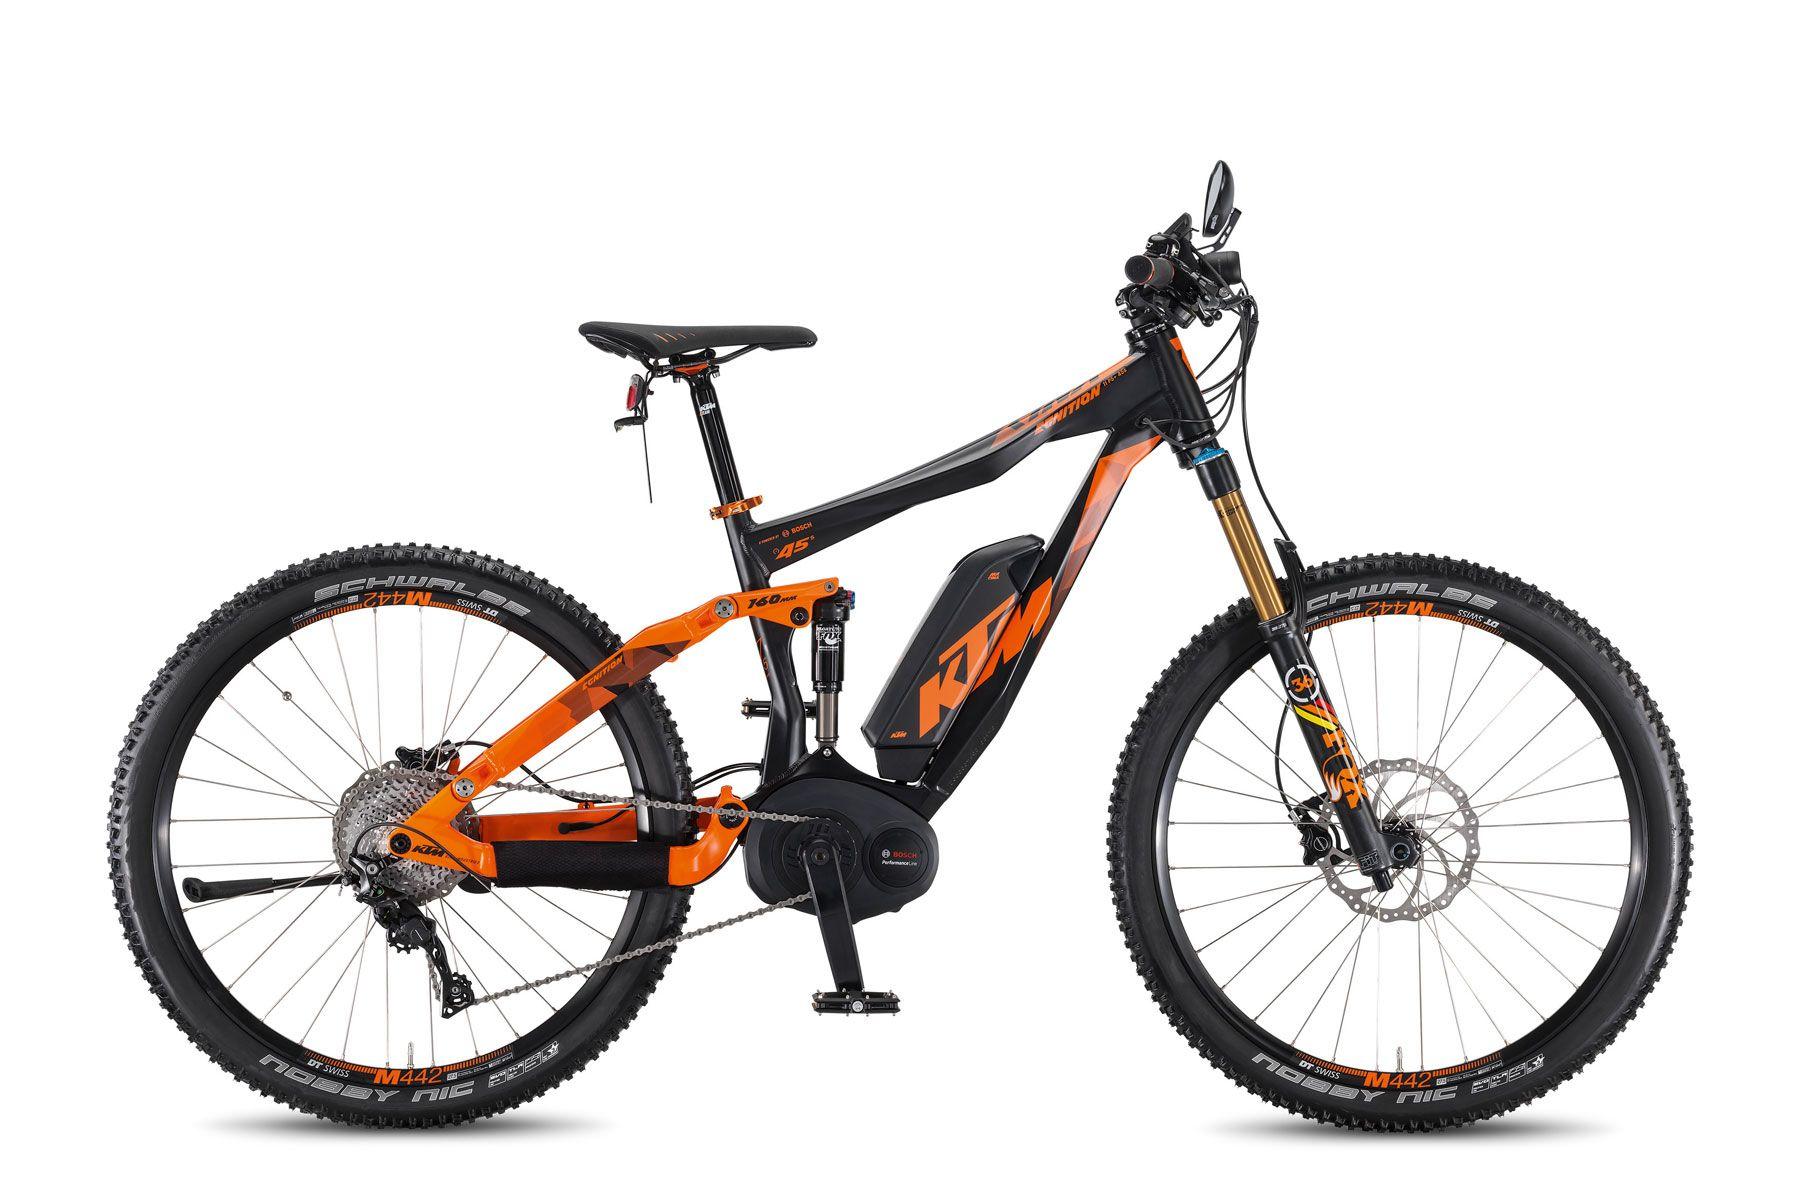 E Bike Ktm Bike Industries S Pedelec Ktm Pedelec